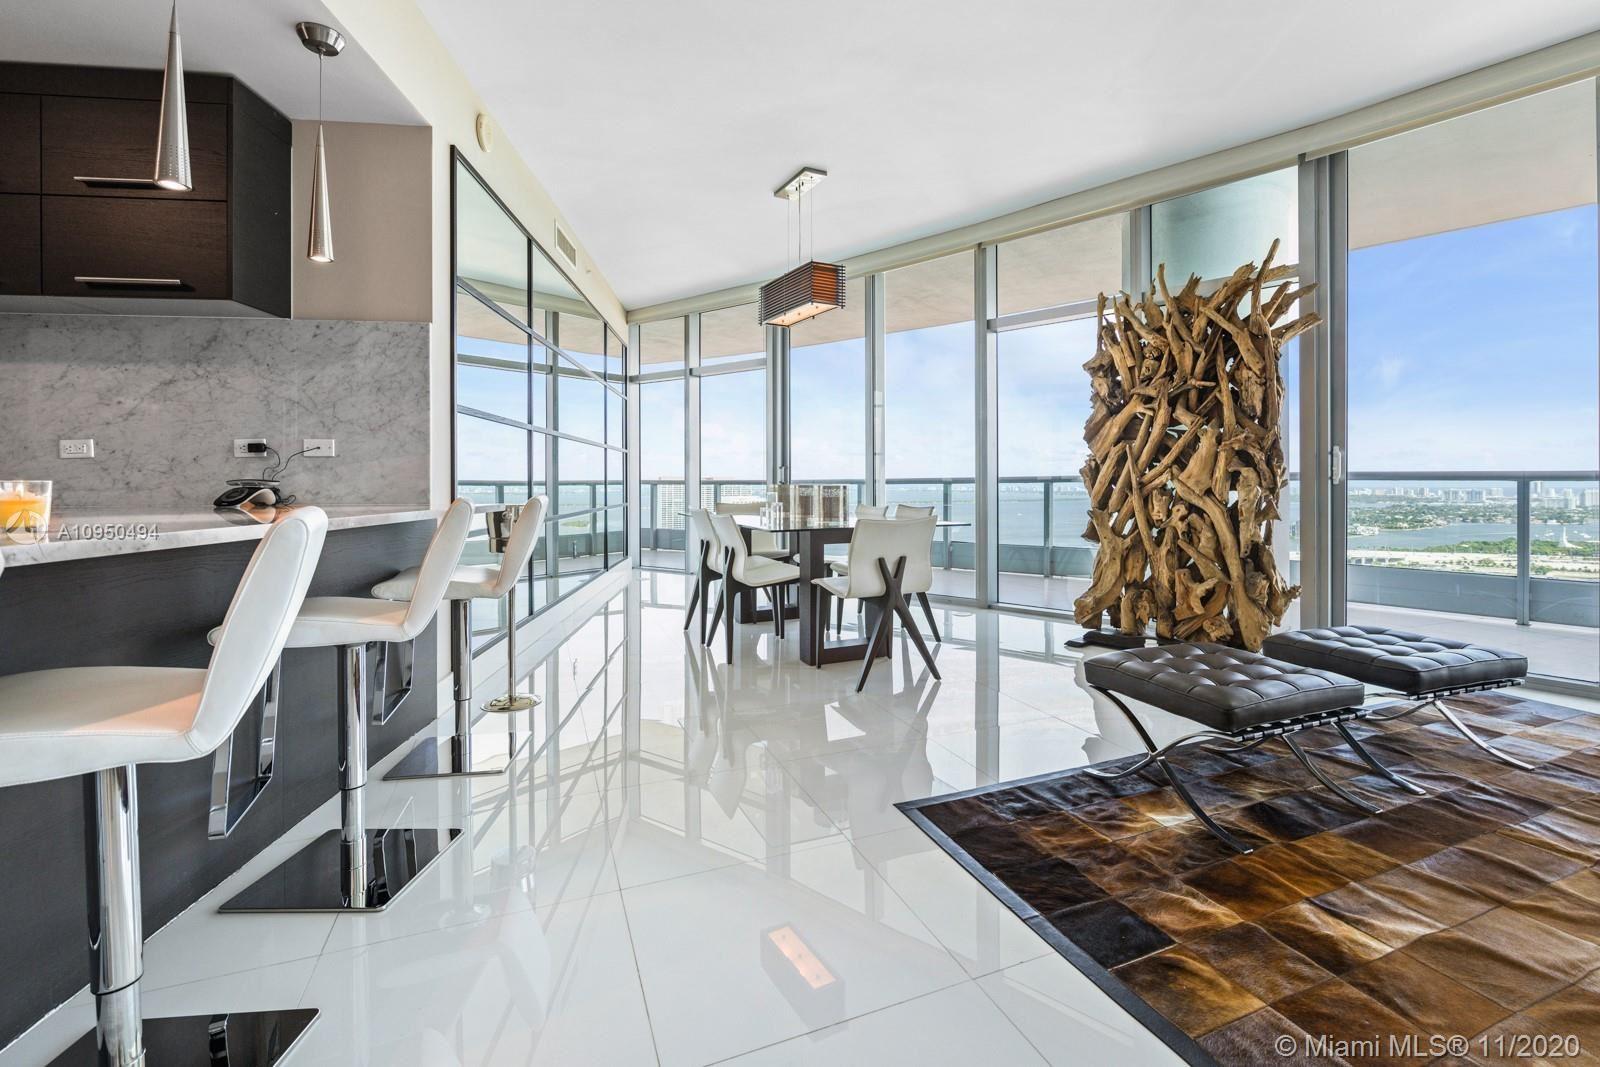 900 Biscayne Blvd #3806, Miami, FL 33132 - #: A10950494